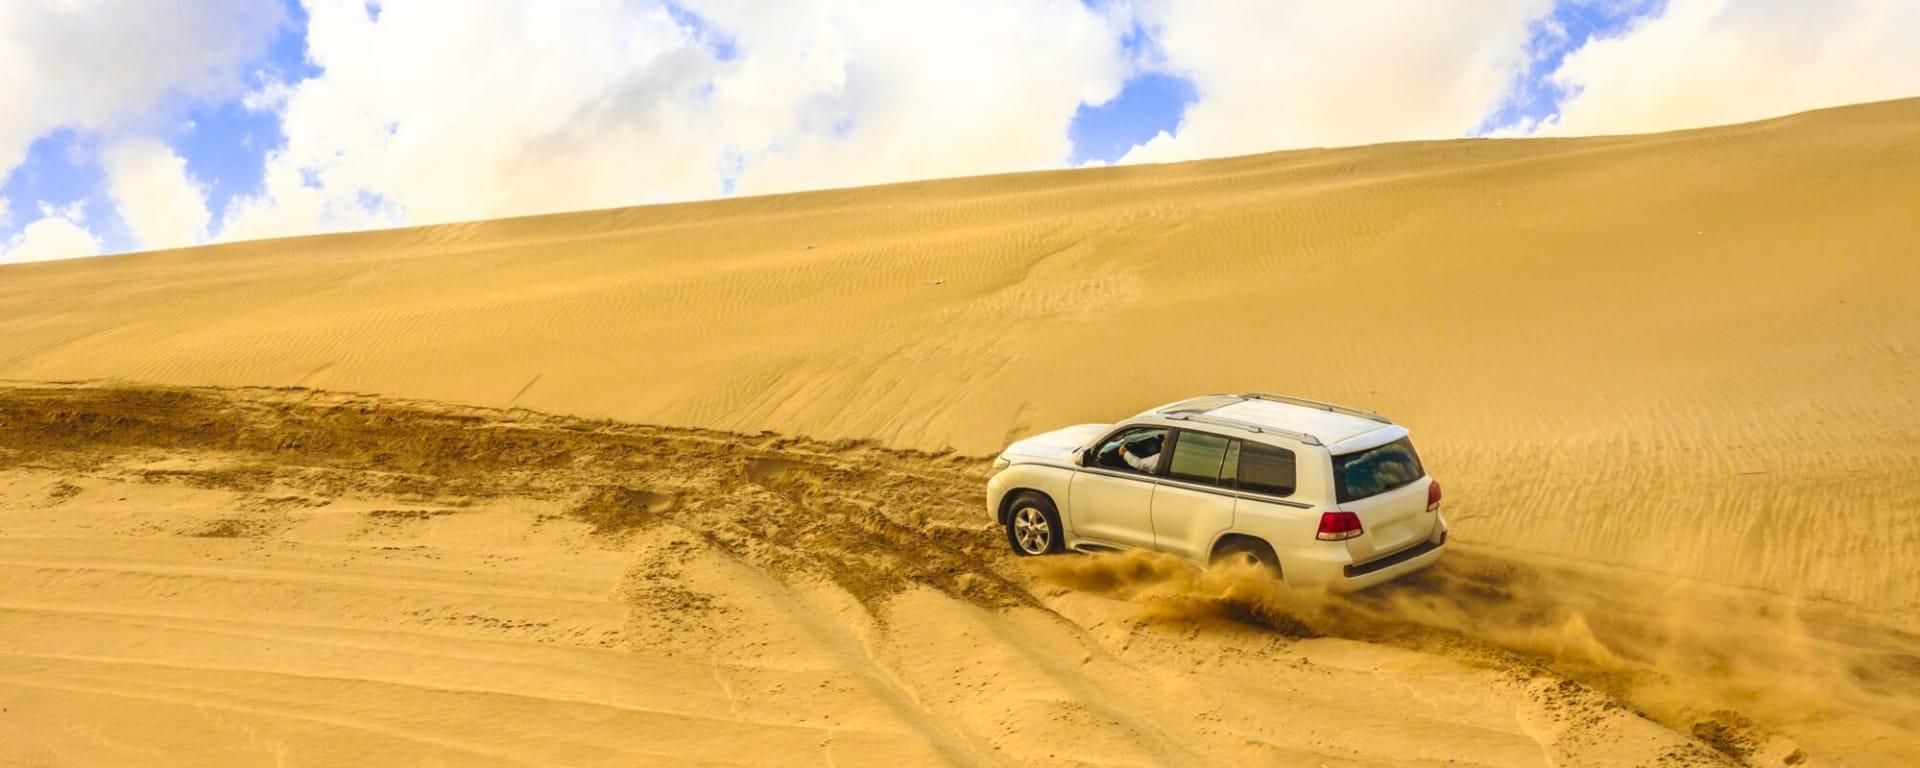 Qatar entdecken mit Tischler Reisen: Qatar Wueste Dune Bashing